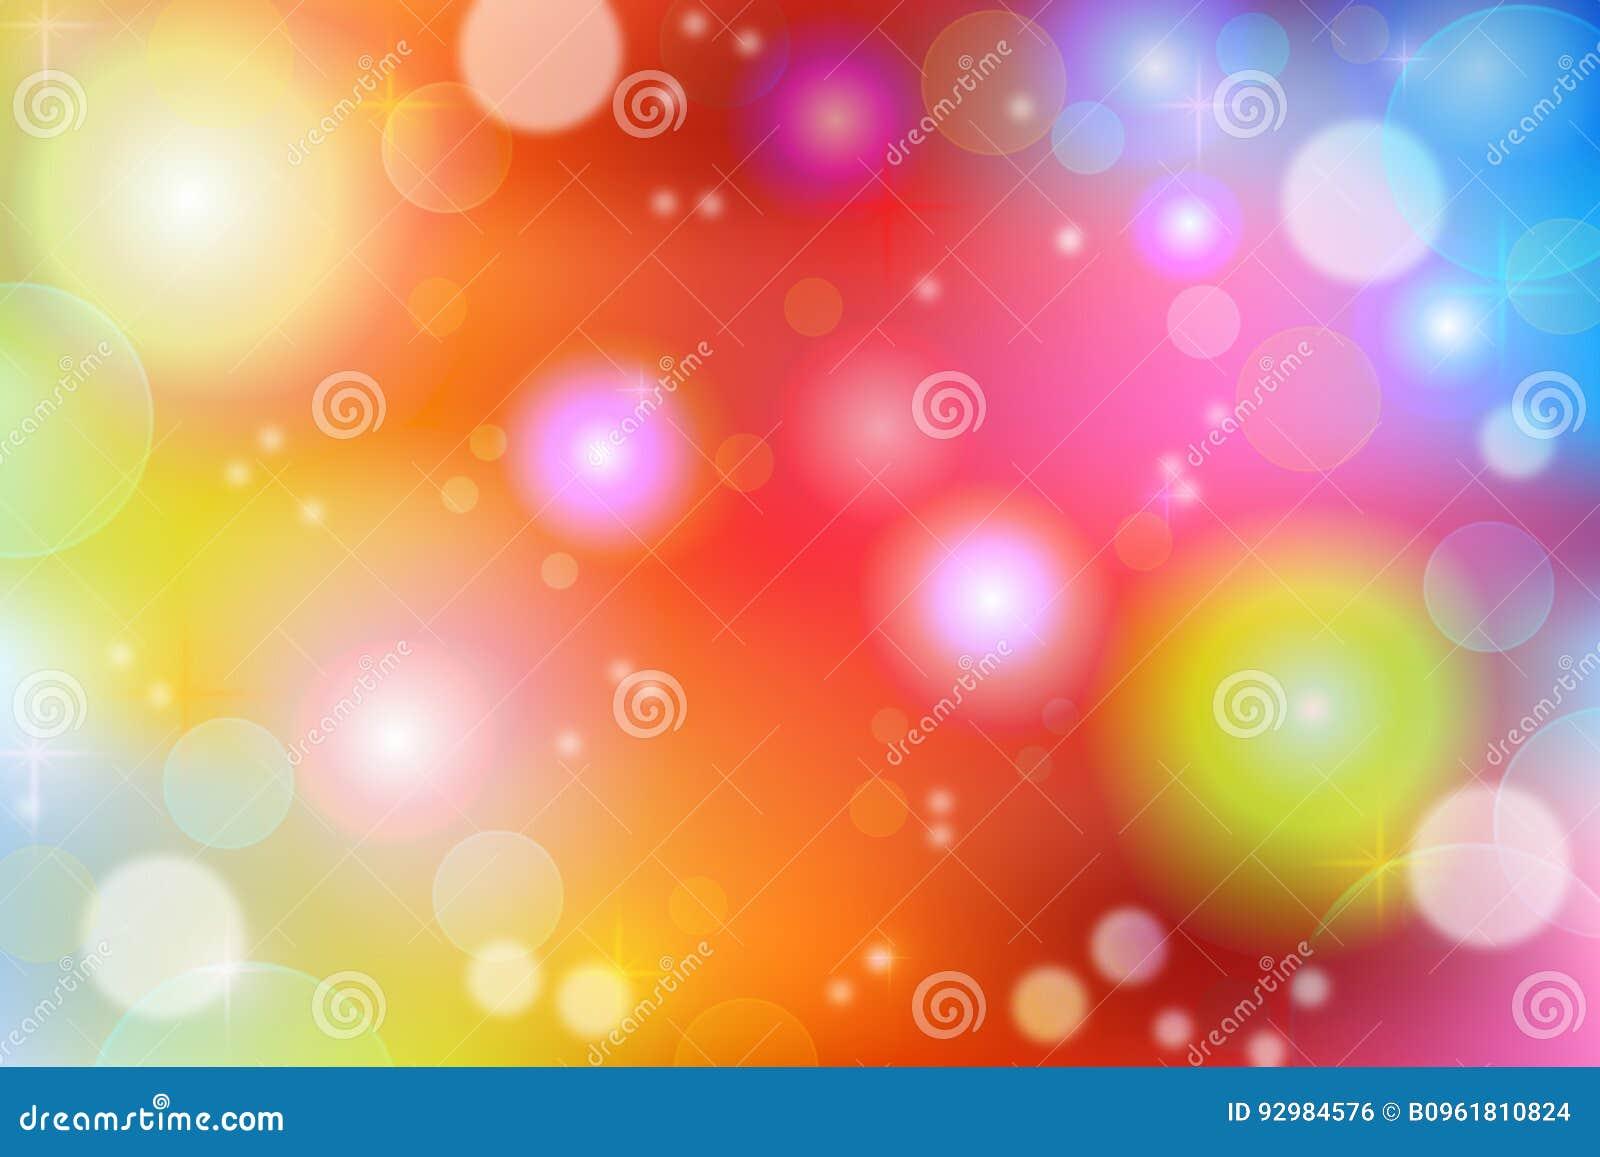 Kleur Veel Kleur : Vlinder fotobehang lekker veel kleur